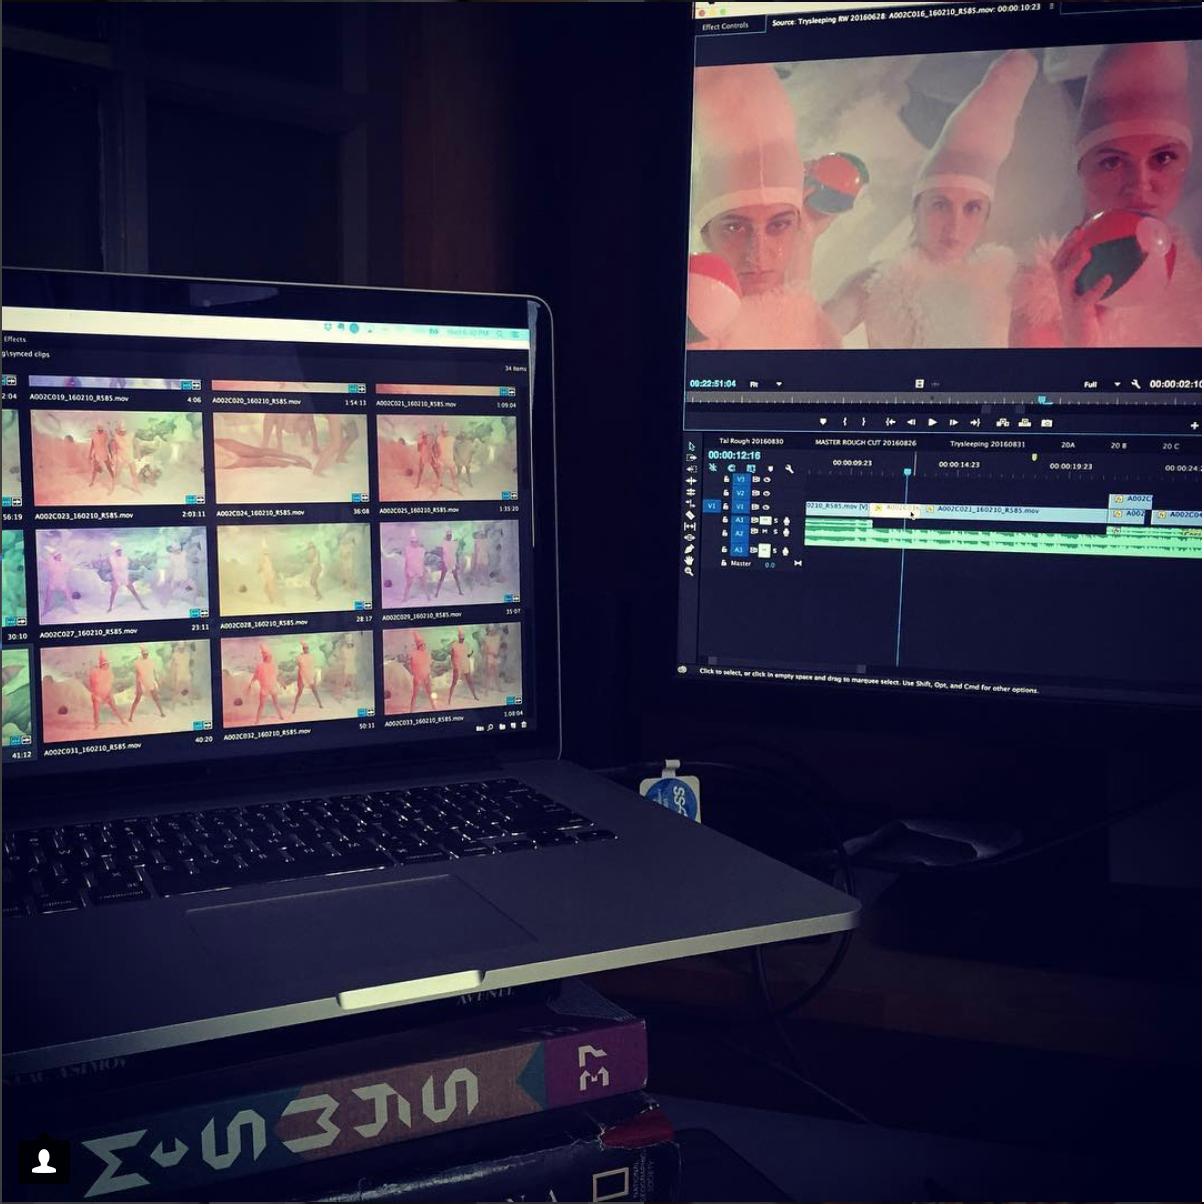 SBB_x_editing.png